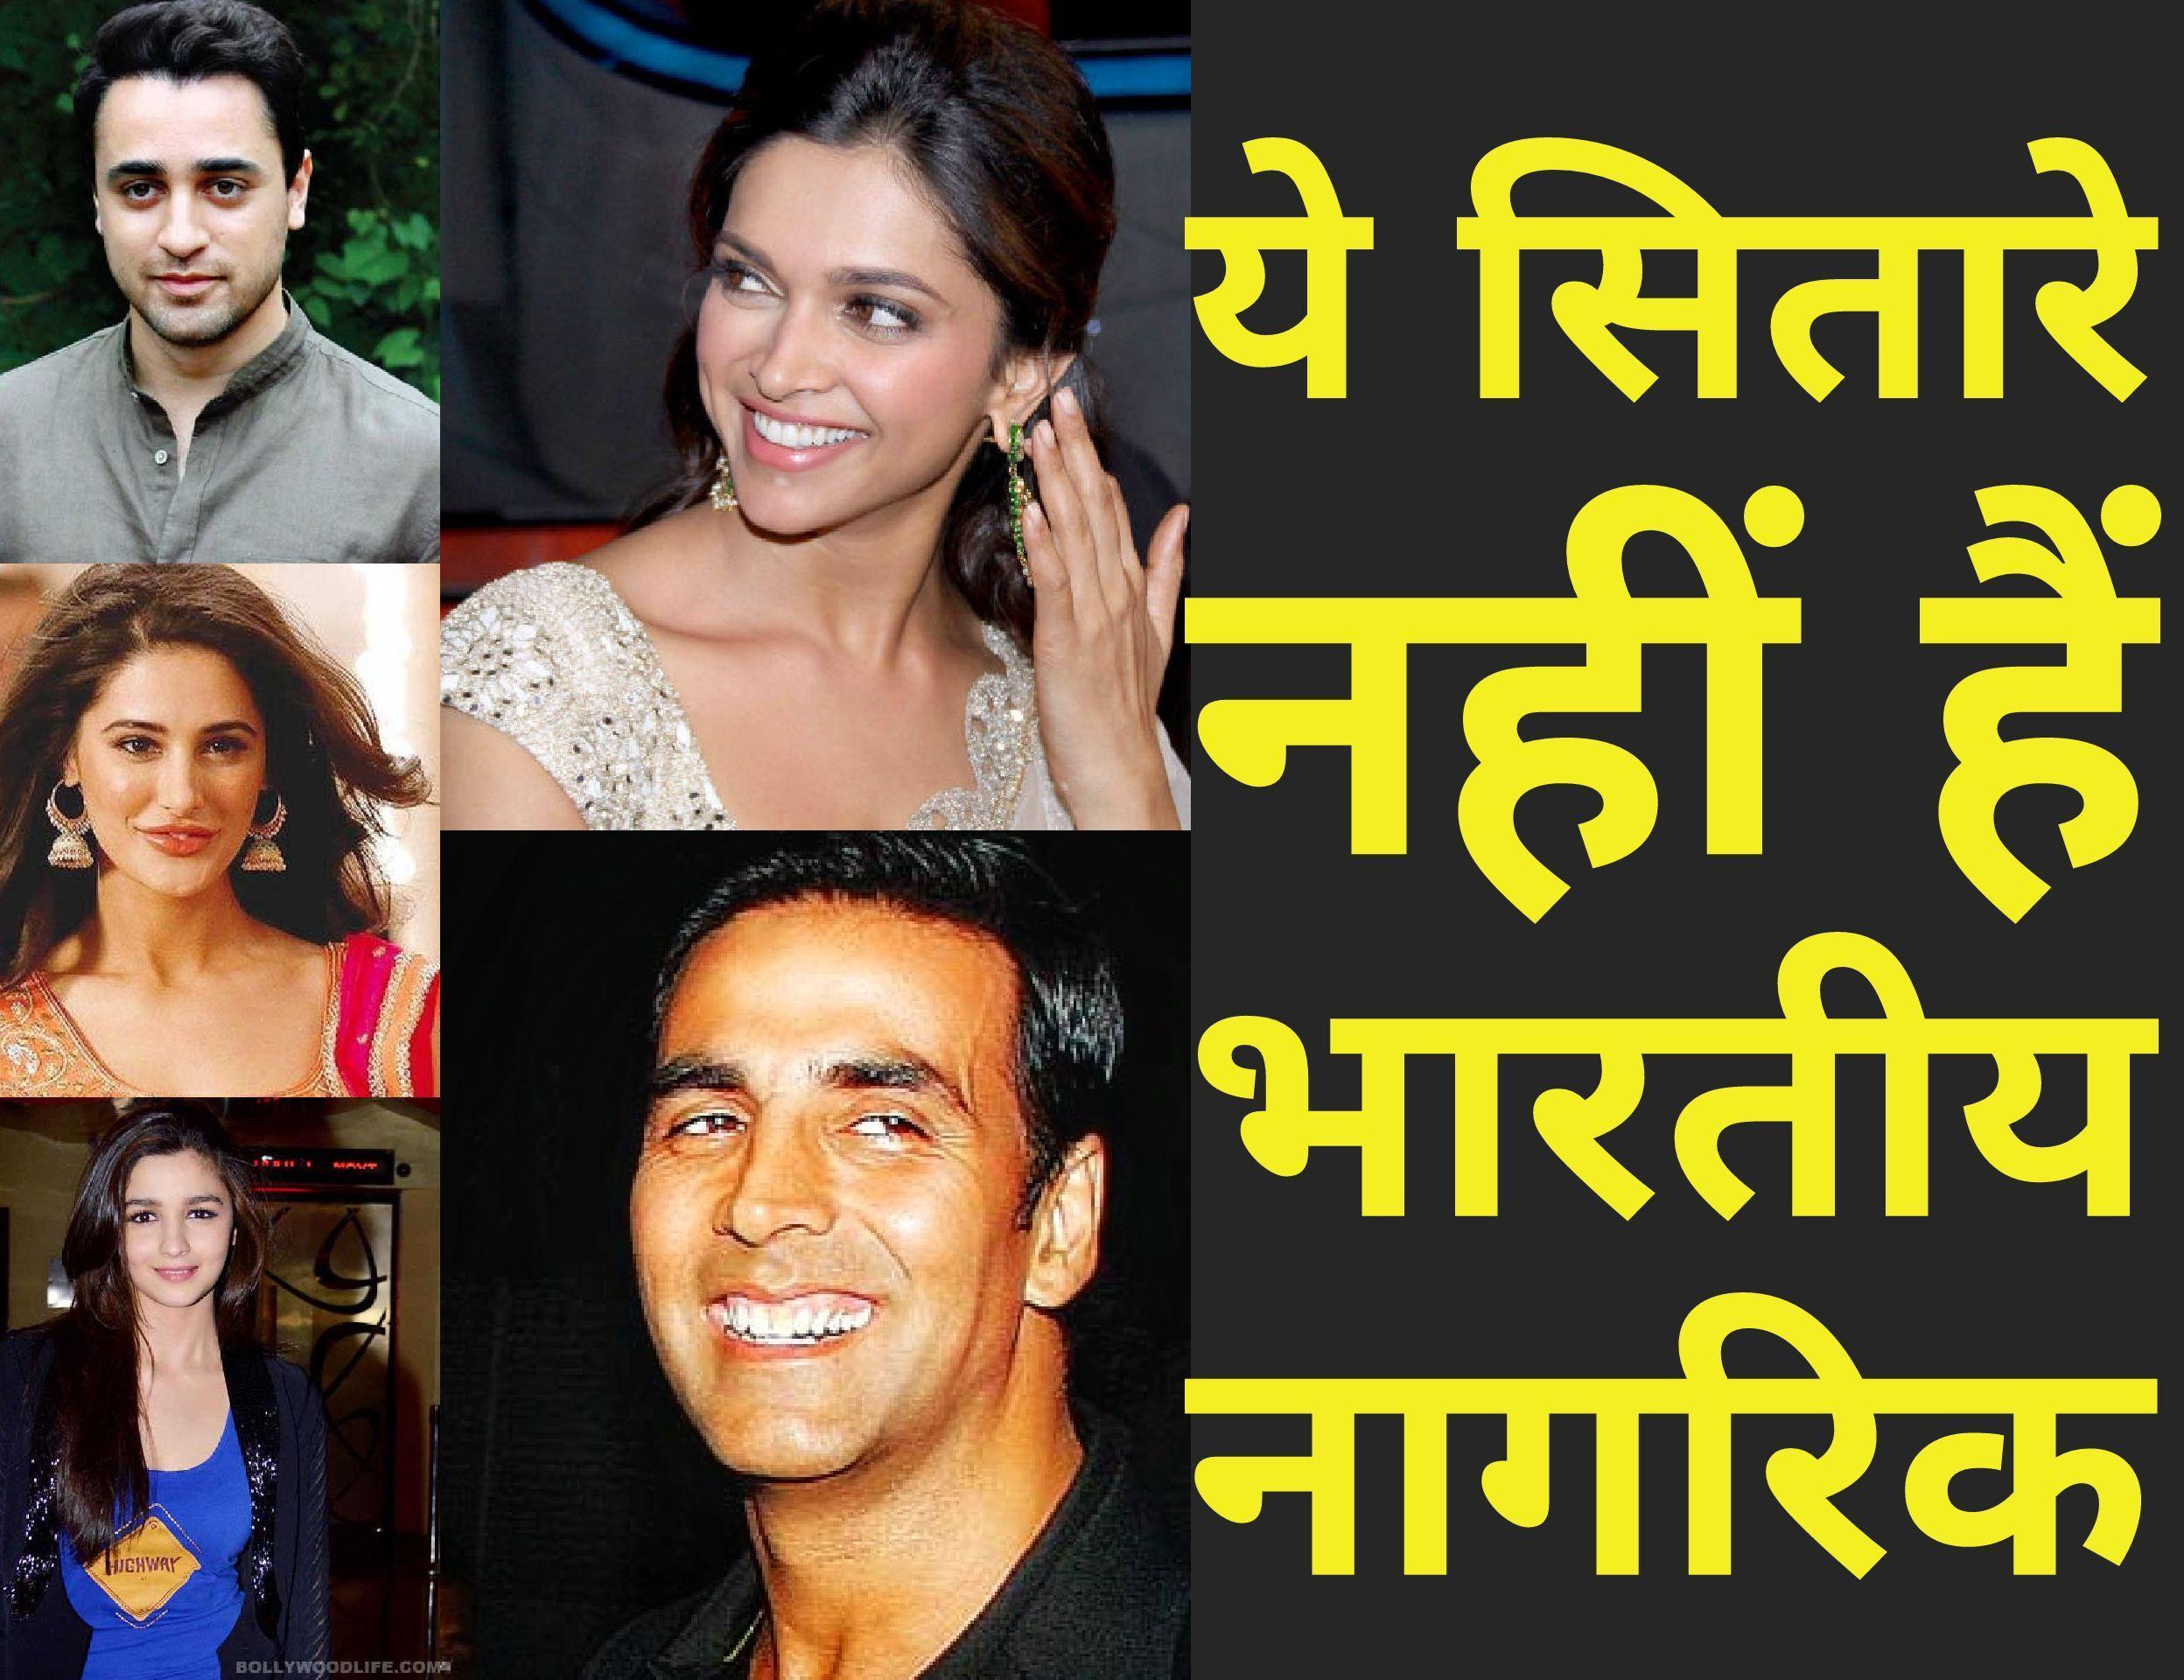 भारतीय नागरिक नहीं हैं ये बॉलीवुड के मशहूर सितारे - शब्द (shabd.in)